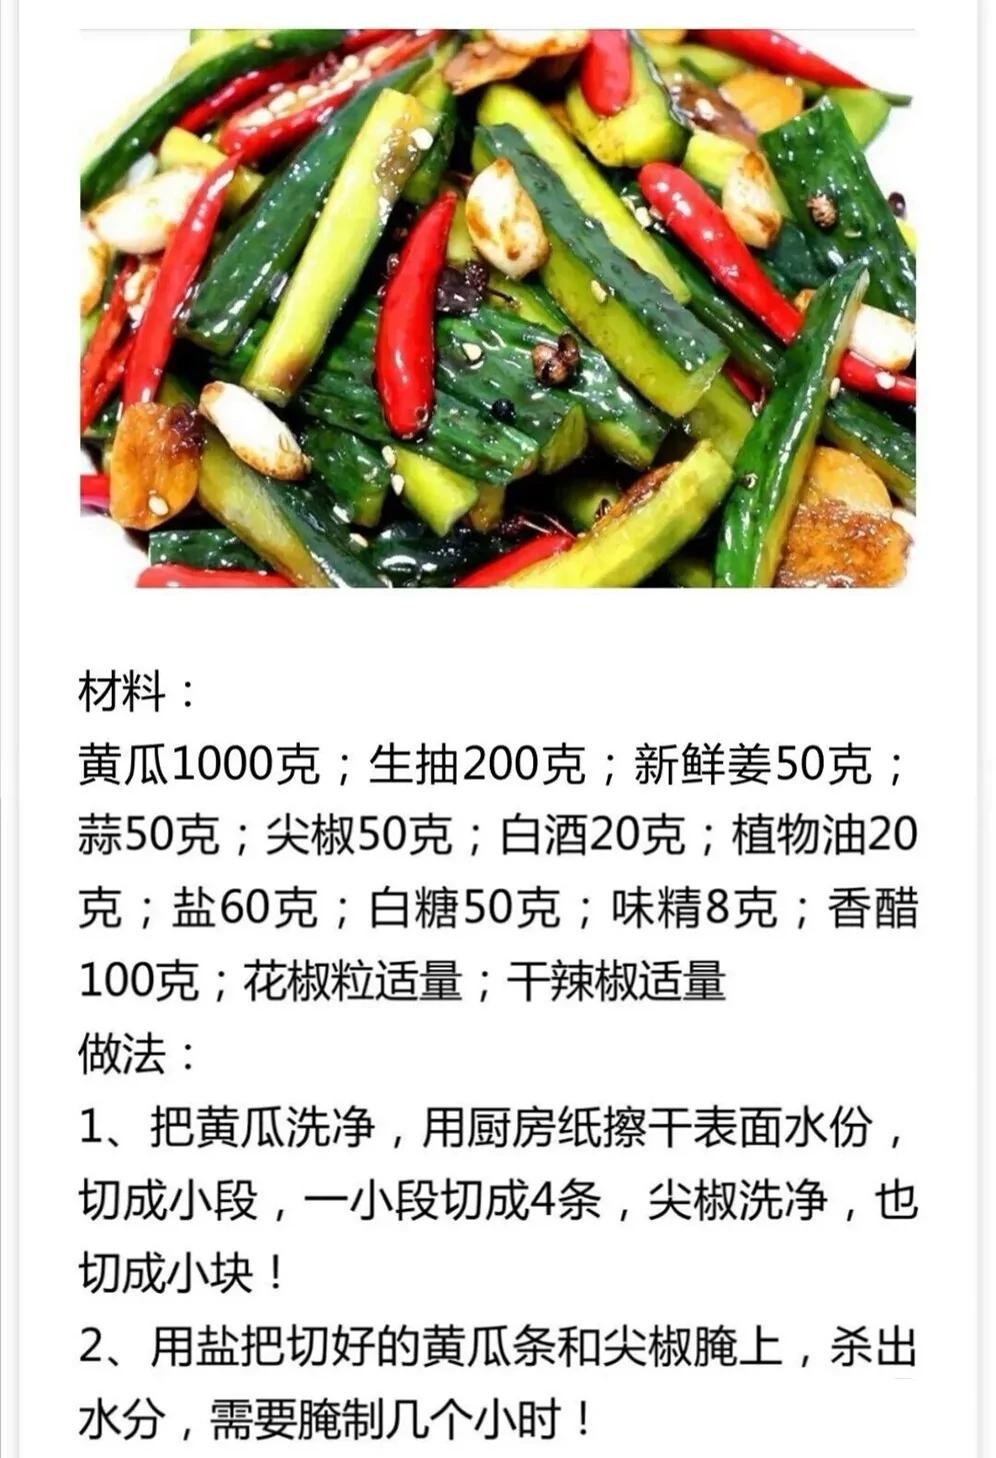 咸菜做法及配料 美食做法 第12张